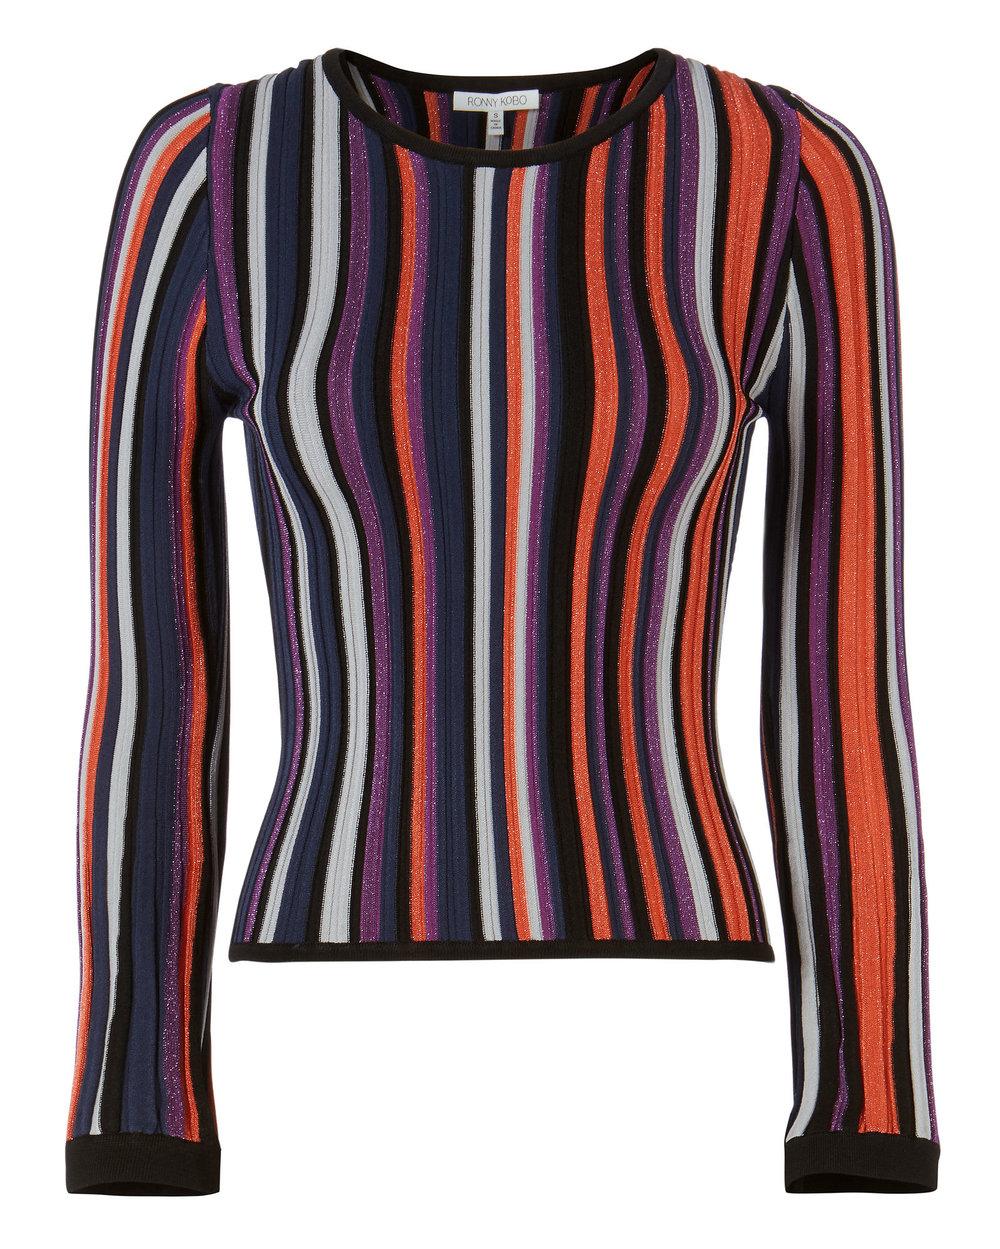 Ronny Kobo - Dafne Striped Top, $348